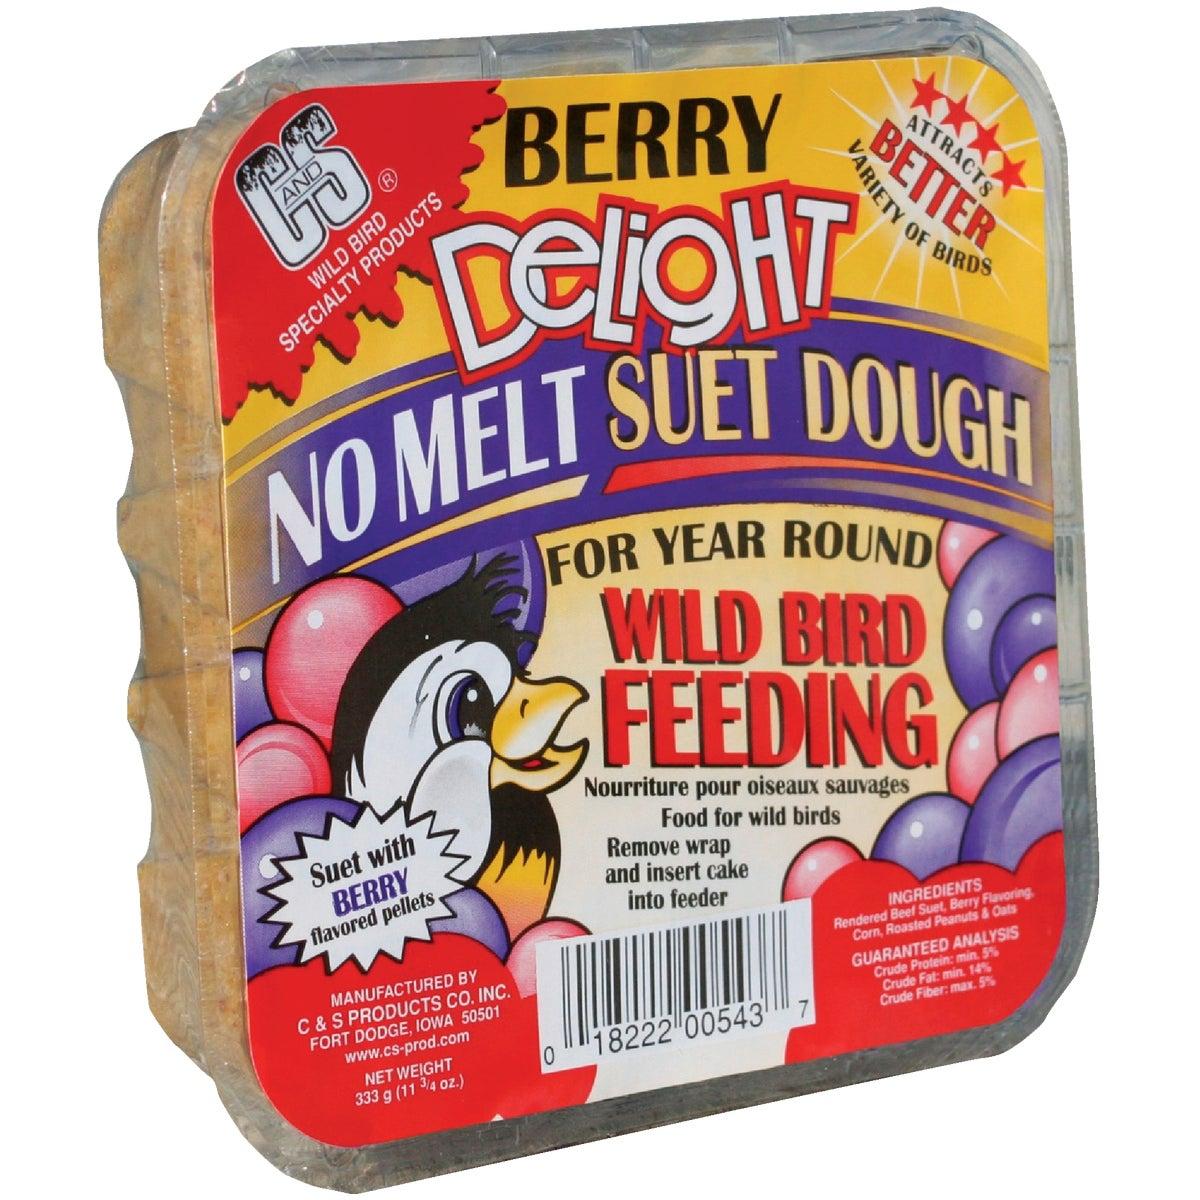 BERRY DELIGHT DOUGH SUET